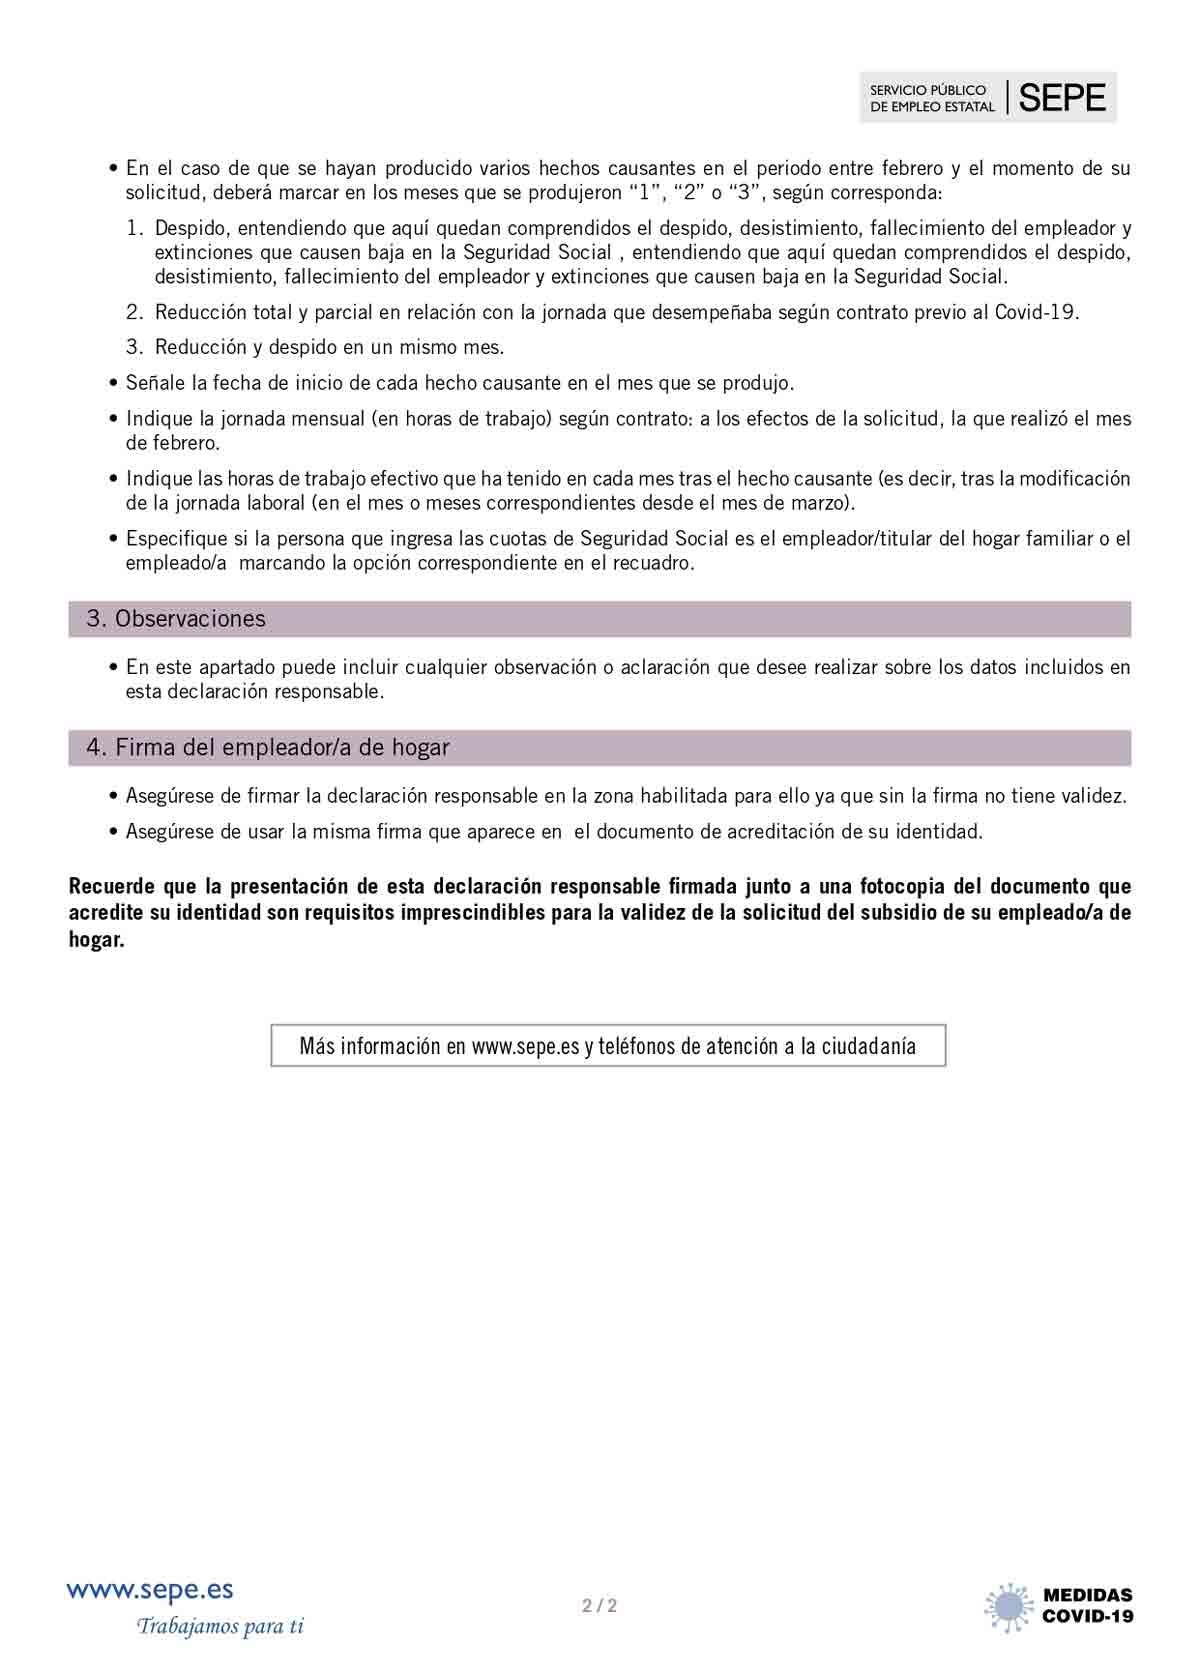 Instrucciones para el empleador página 2